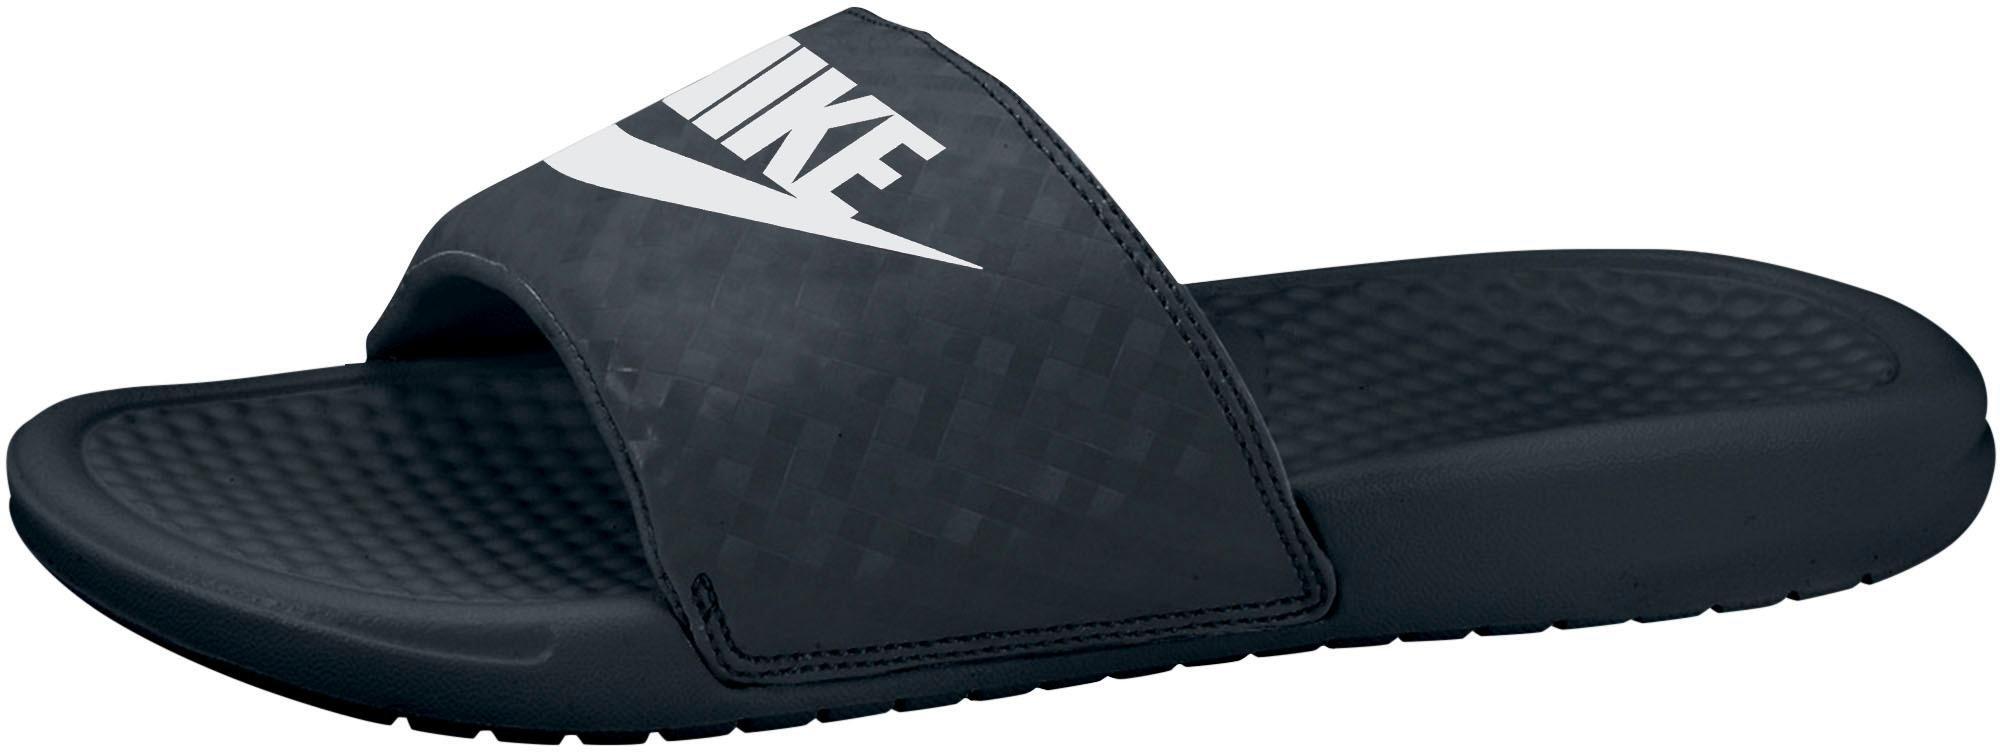 Nike badslippers »Wmns Benassi Just do it« nu online kopen bij OTTO